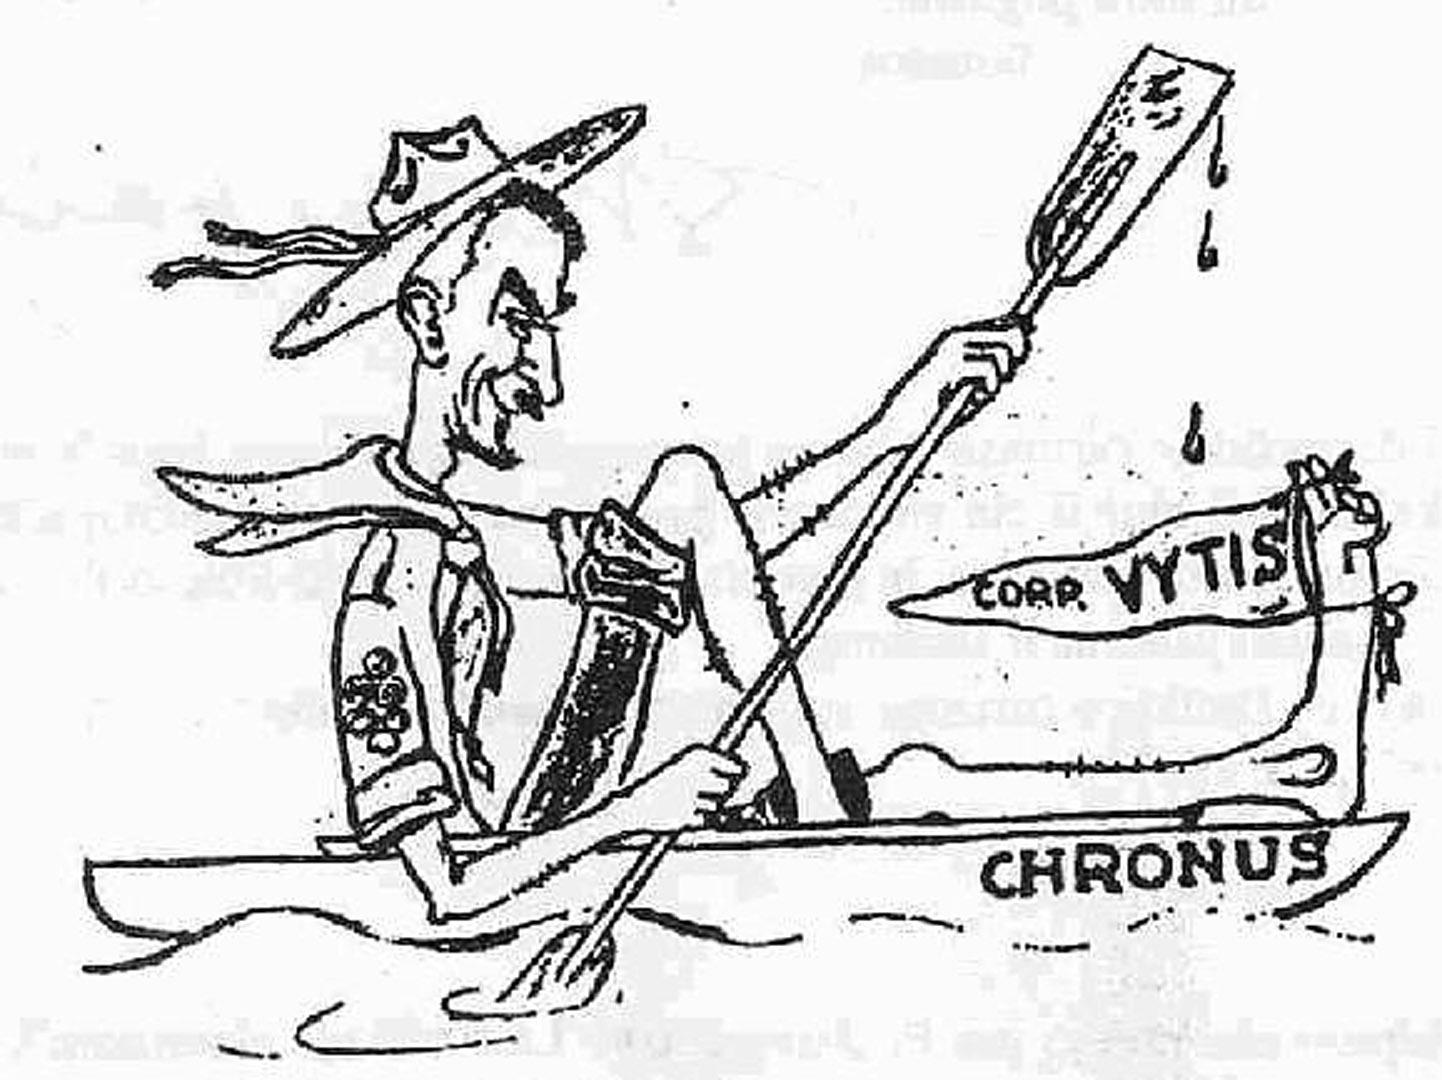 """S. Kolupaila savo baidarę buvo pavadinęs """"Chronus"""" (pagal spėjamą Nemuno pavadinimą Ptolemėjo žemėlapyje). Č. Kudaba, prisimena, kad 1966 m., su kolegomis keliaujant Nerimi laivu, ant kurio buvo užrašyta """"Profesorius Steponas Kolupaila"""", daugelis pakrančių gyventojų (ypač Baltarusijoje) prisiminė Kolupailos pavardę ir jo legendinę """"Chronus"""" baidarę, kuria jis kelis kartus čia buvo plaukęs apie 1940 m. V. Raulinaičio šaržas"""